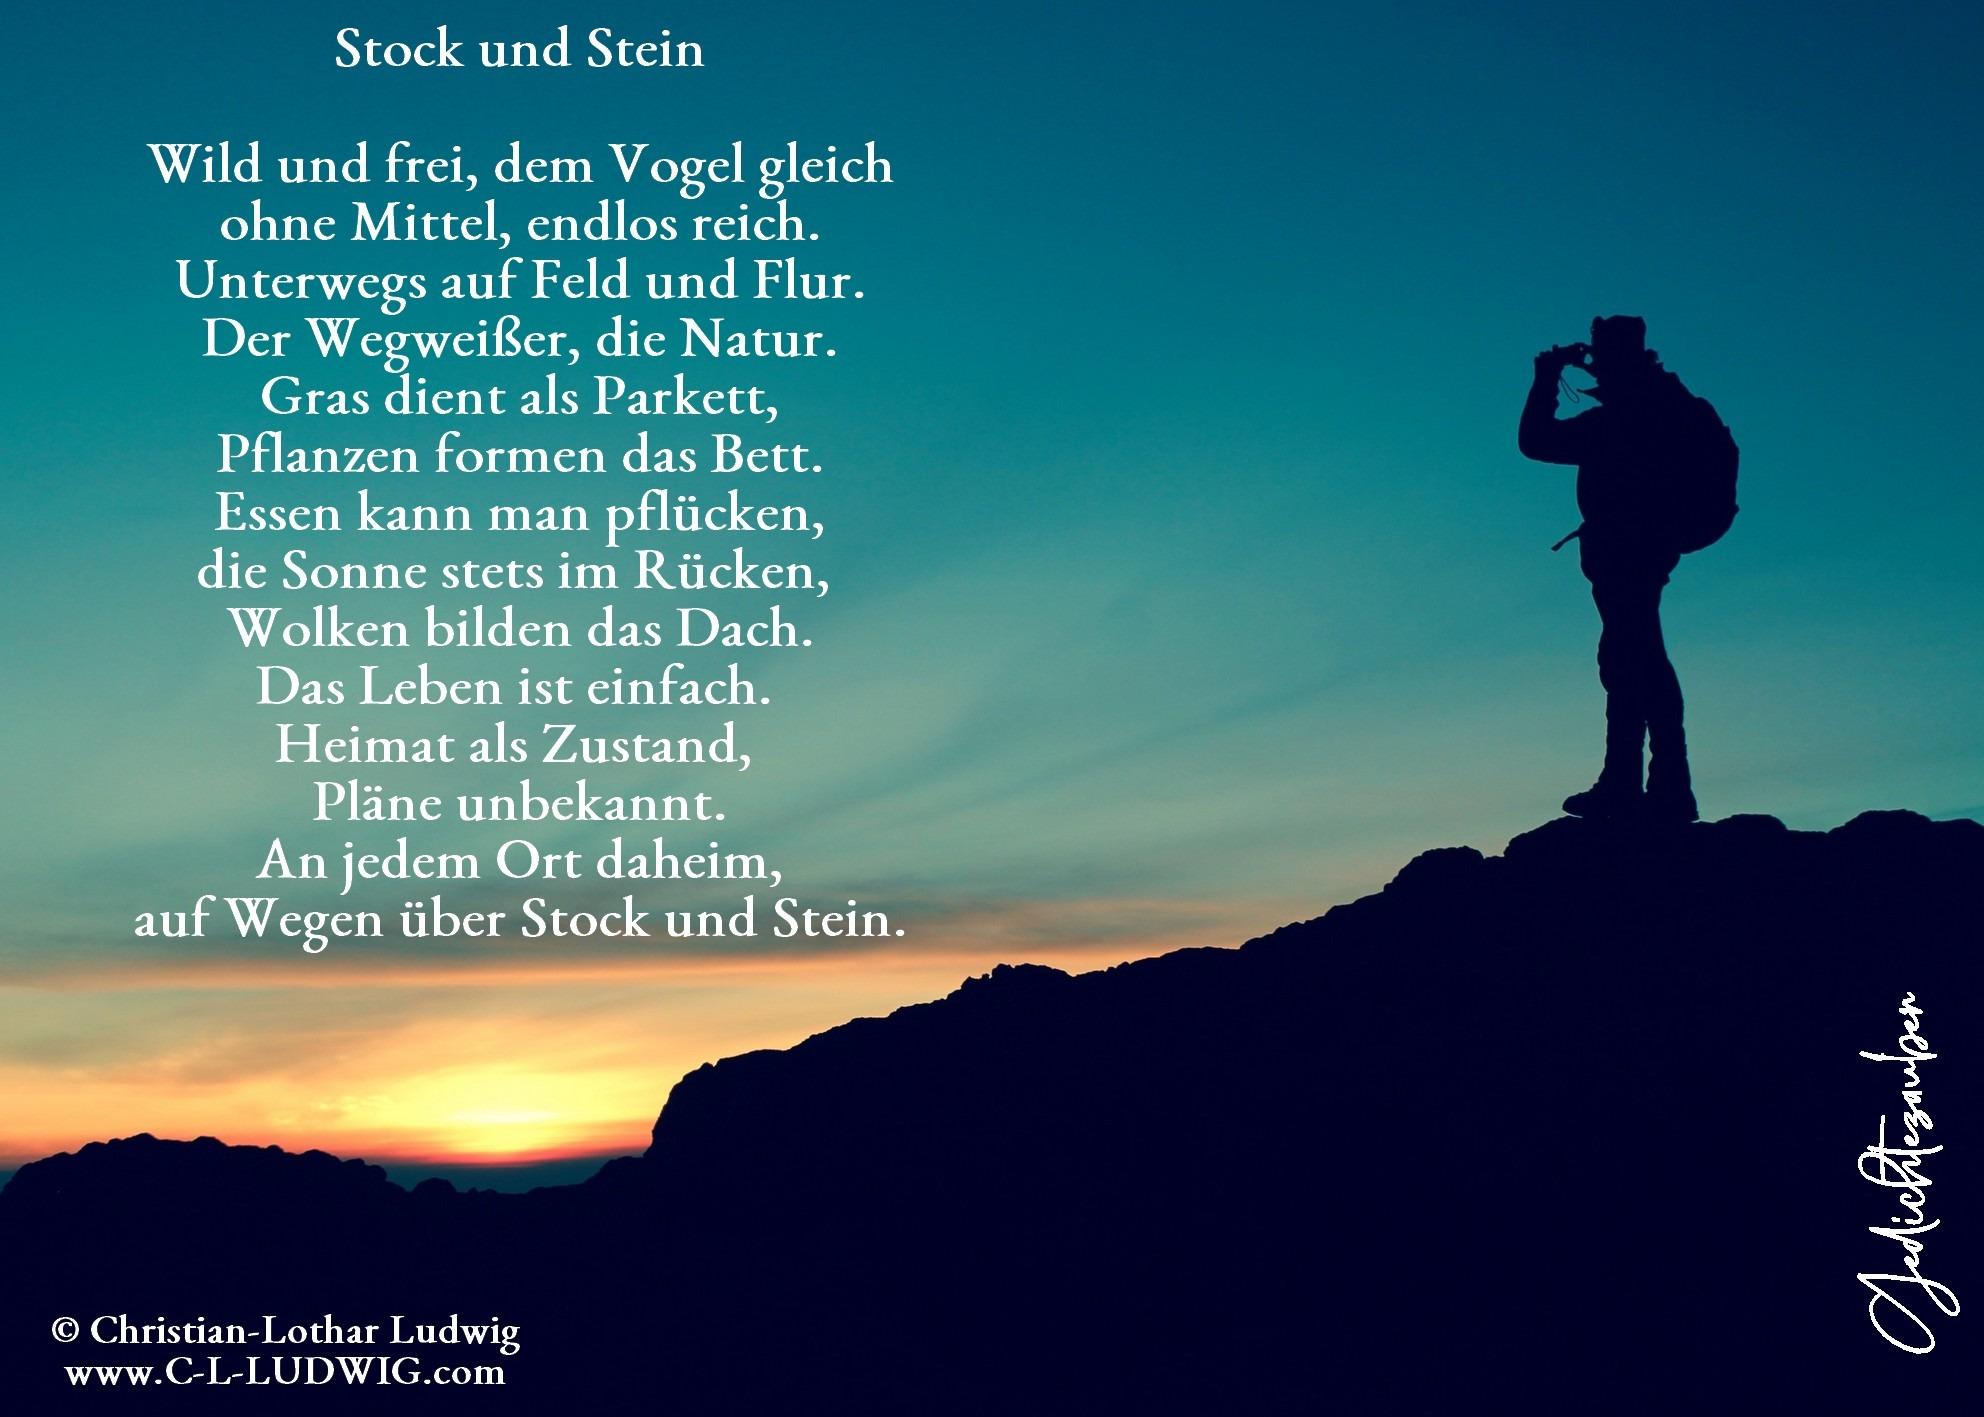 Stock und Stein